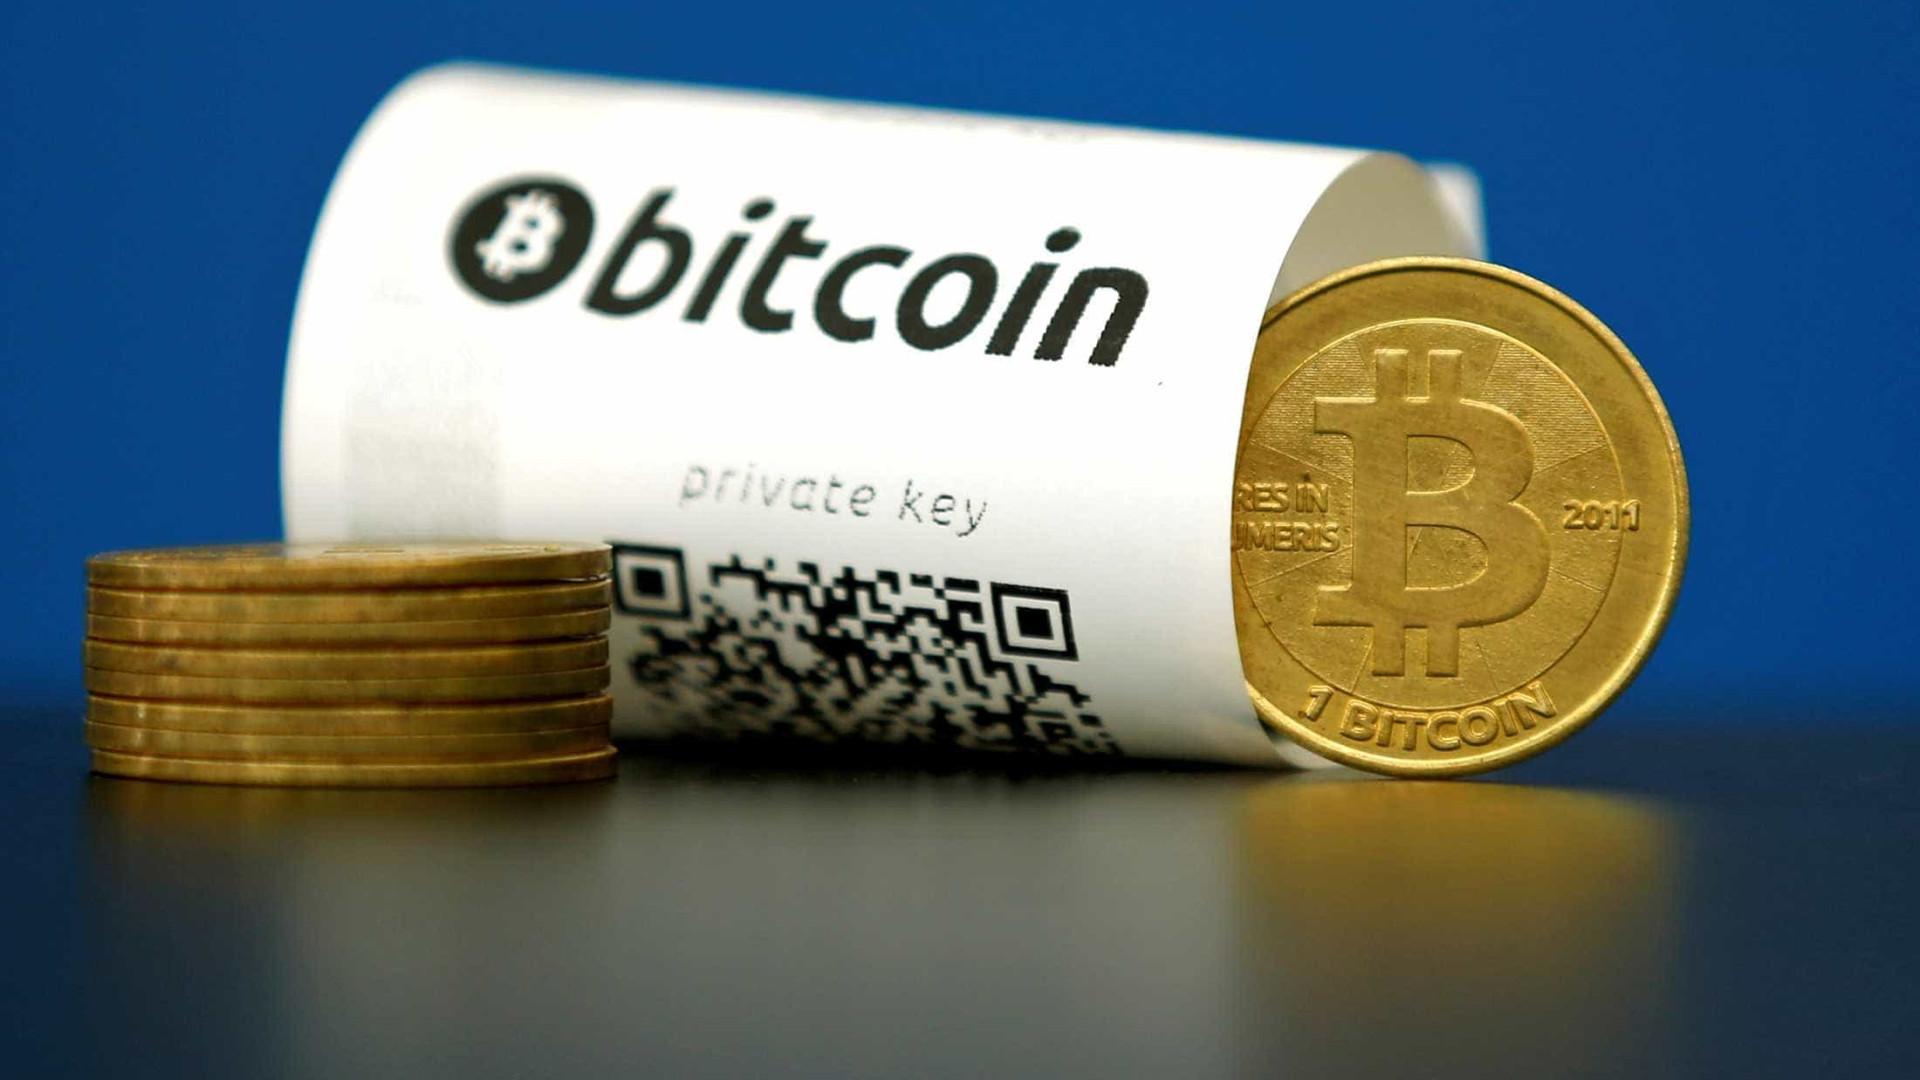 Bitcoin continua escalada recorde e ultrapassa US$ 15 mil